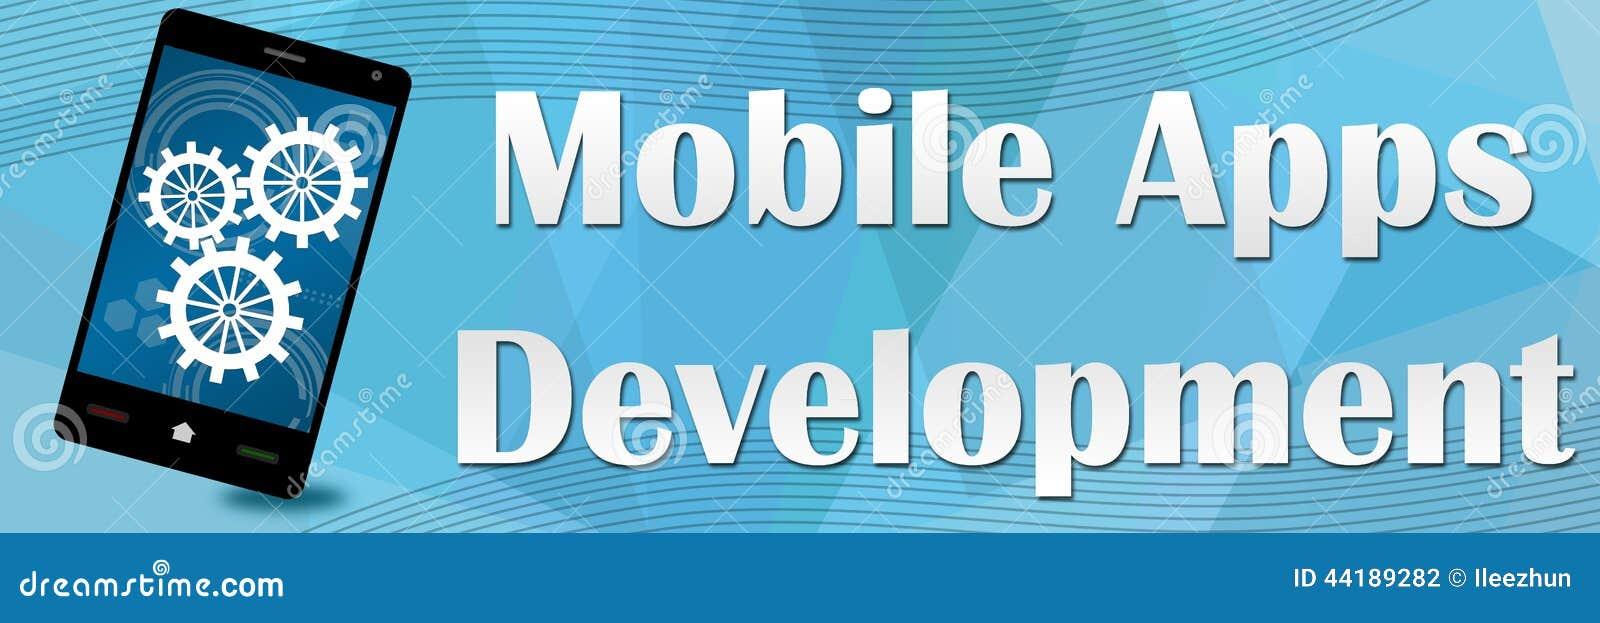 Mobile Apps Development Banner